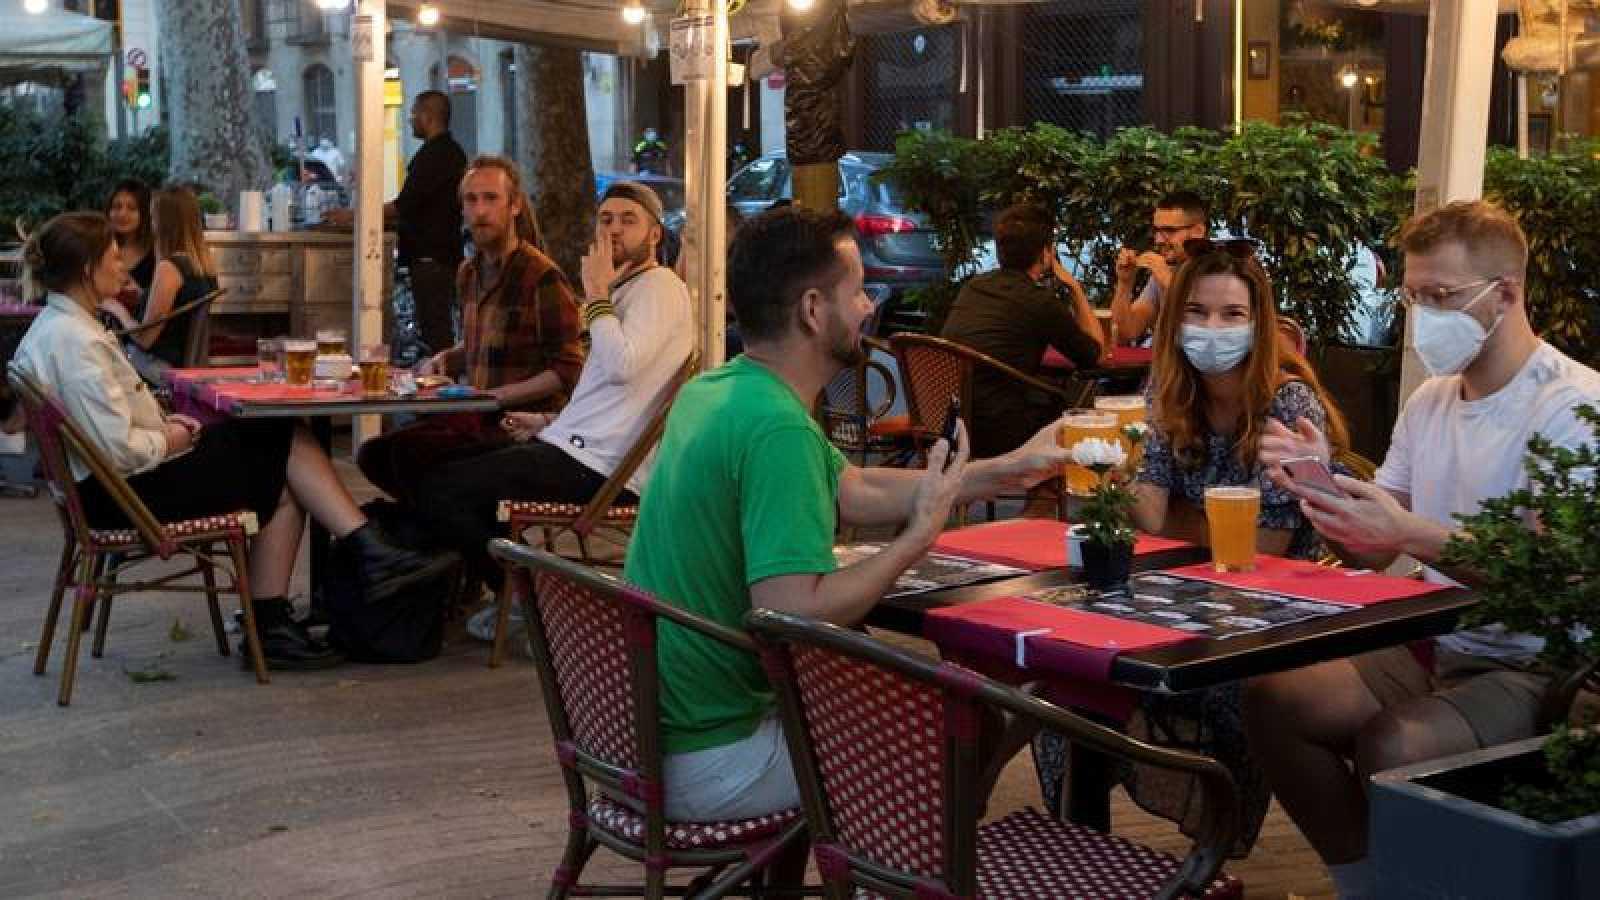 Sanidad alerta del riesgo de fumar asociado a la transmisión del coronavirus